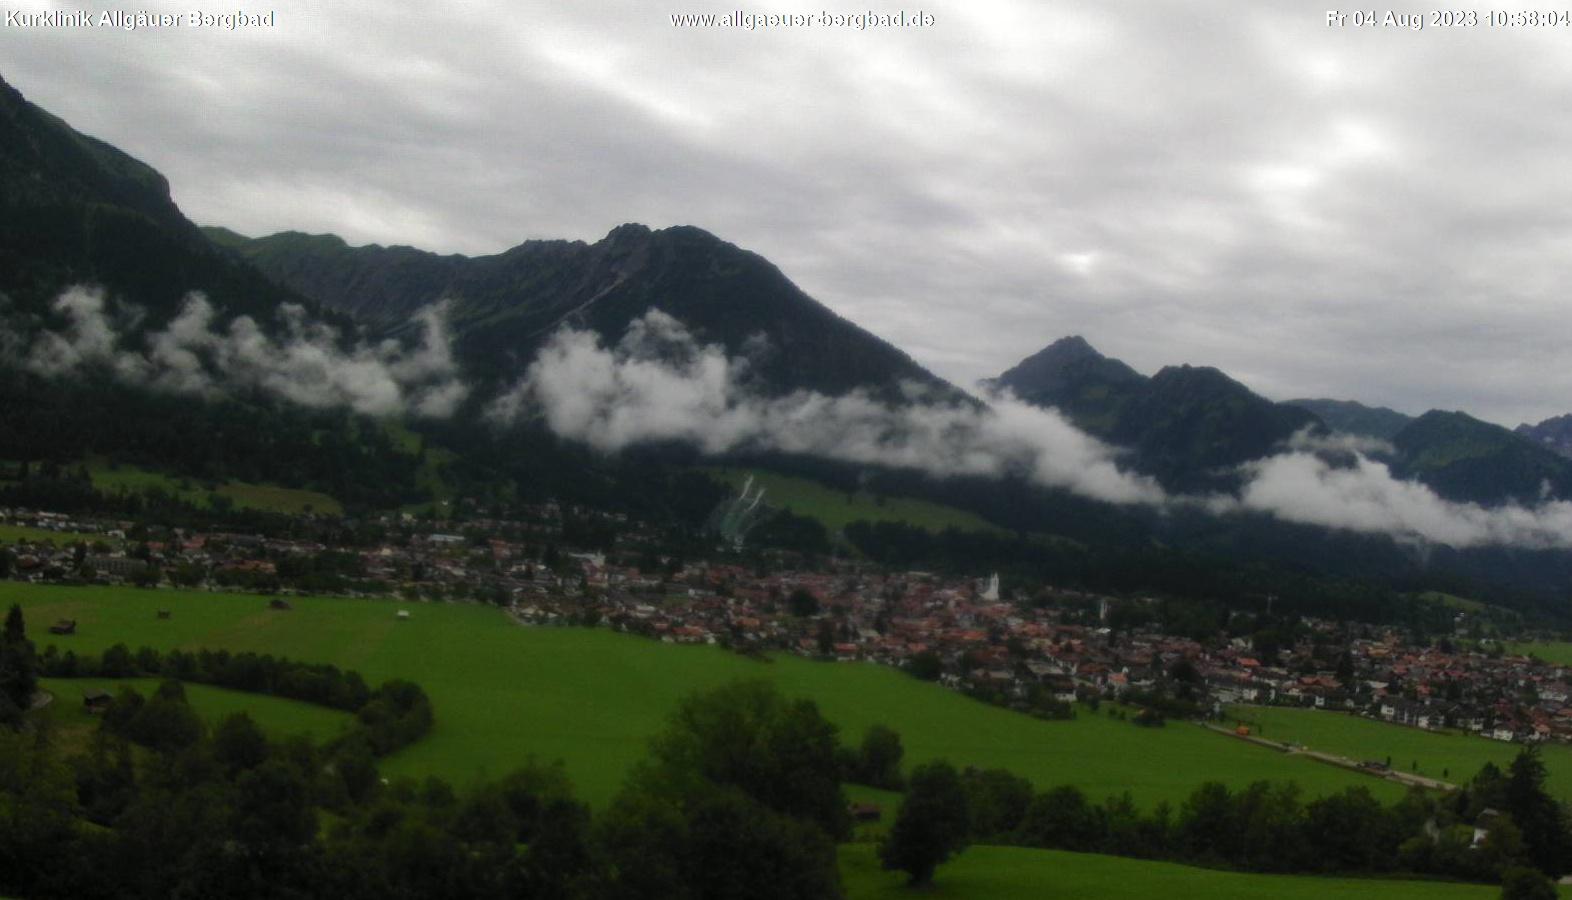 Schauen Sie sich das aktuelle Bild aus unserer Webcam mit Blick auf das Allgäuer Bergpanorama von Oberstdorf an. Das Bild der Webcam wird alle 5 Minuten aktualisiert.